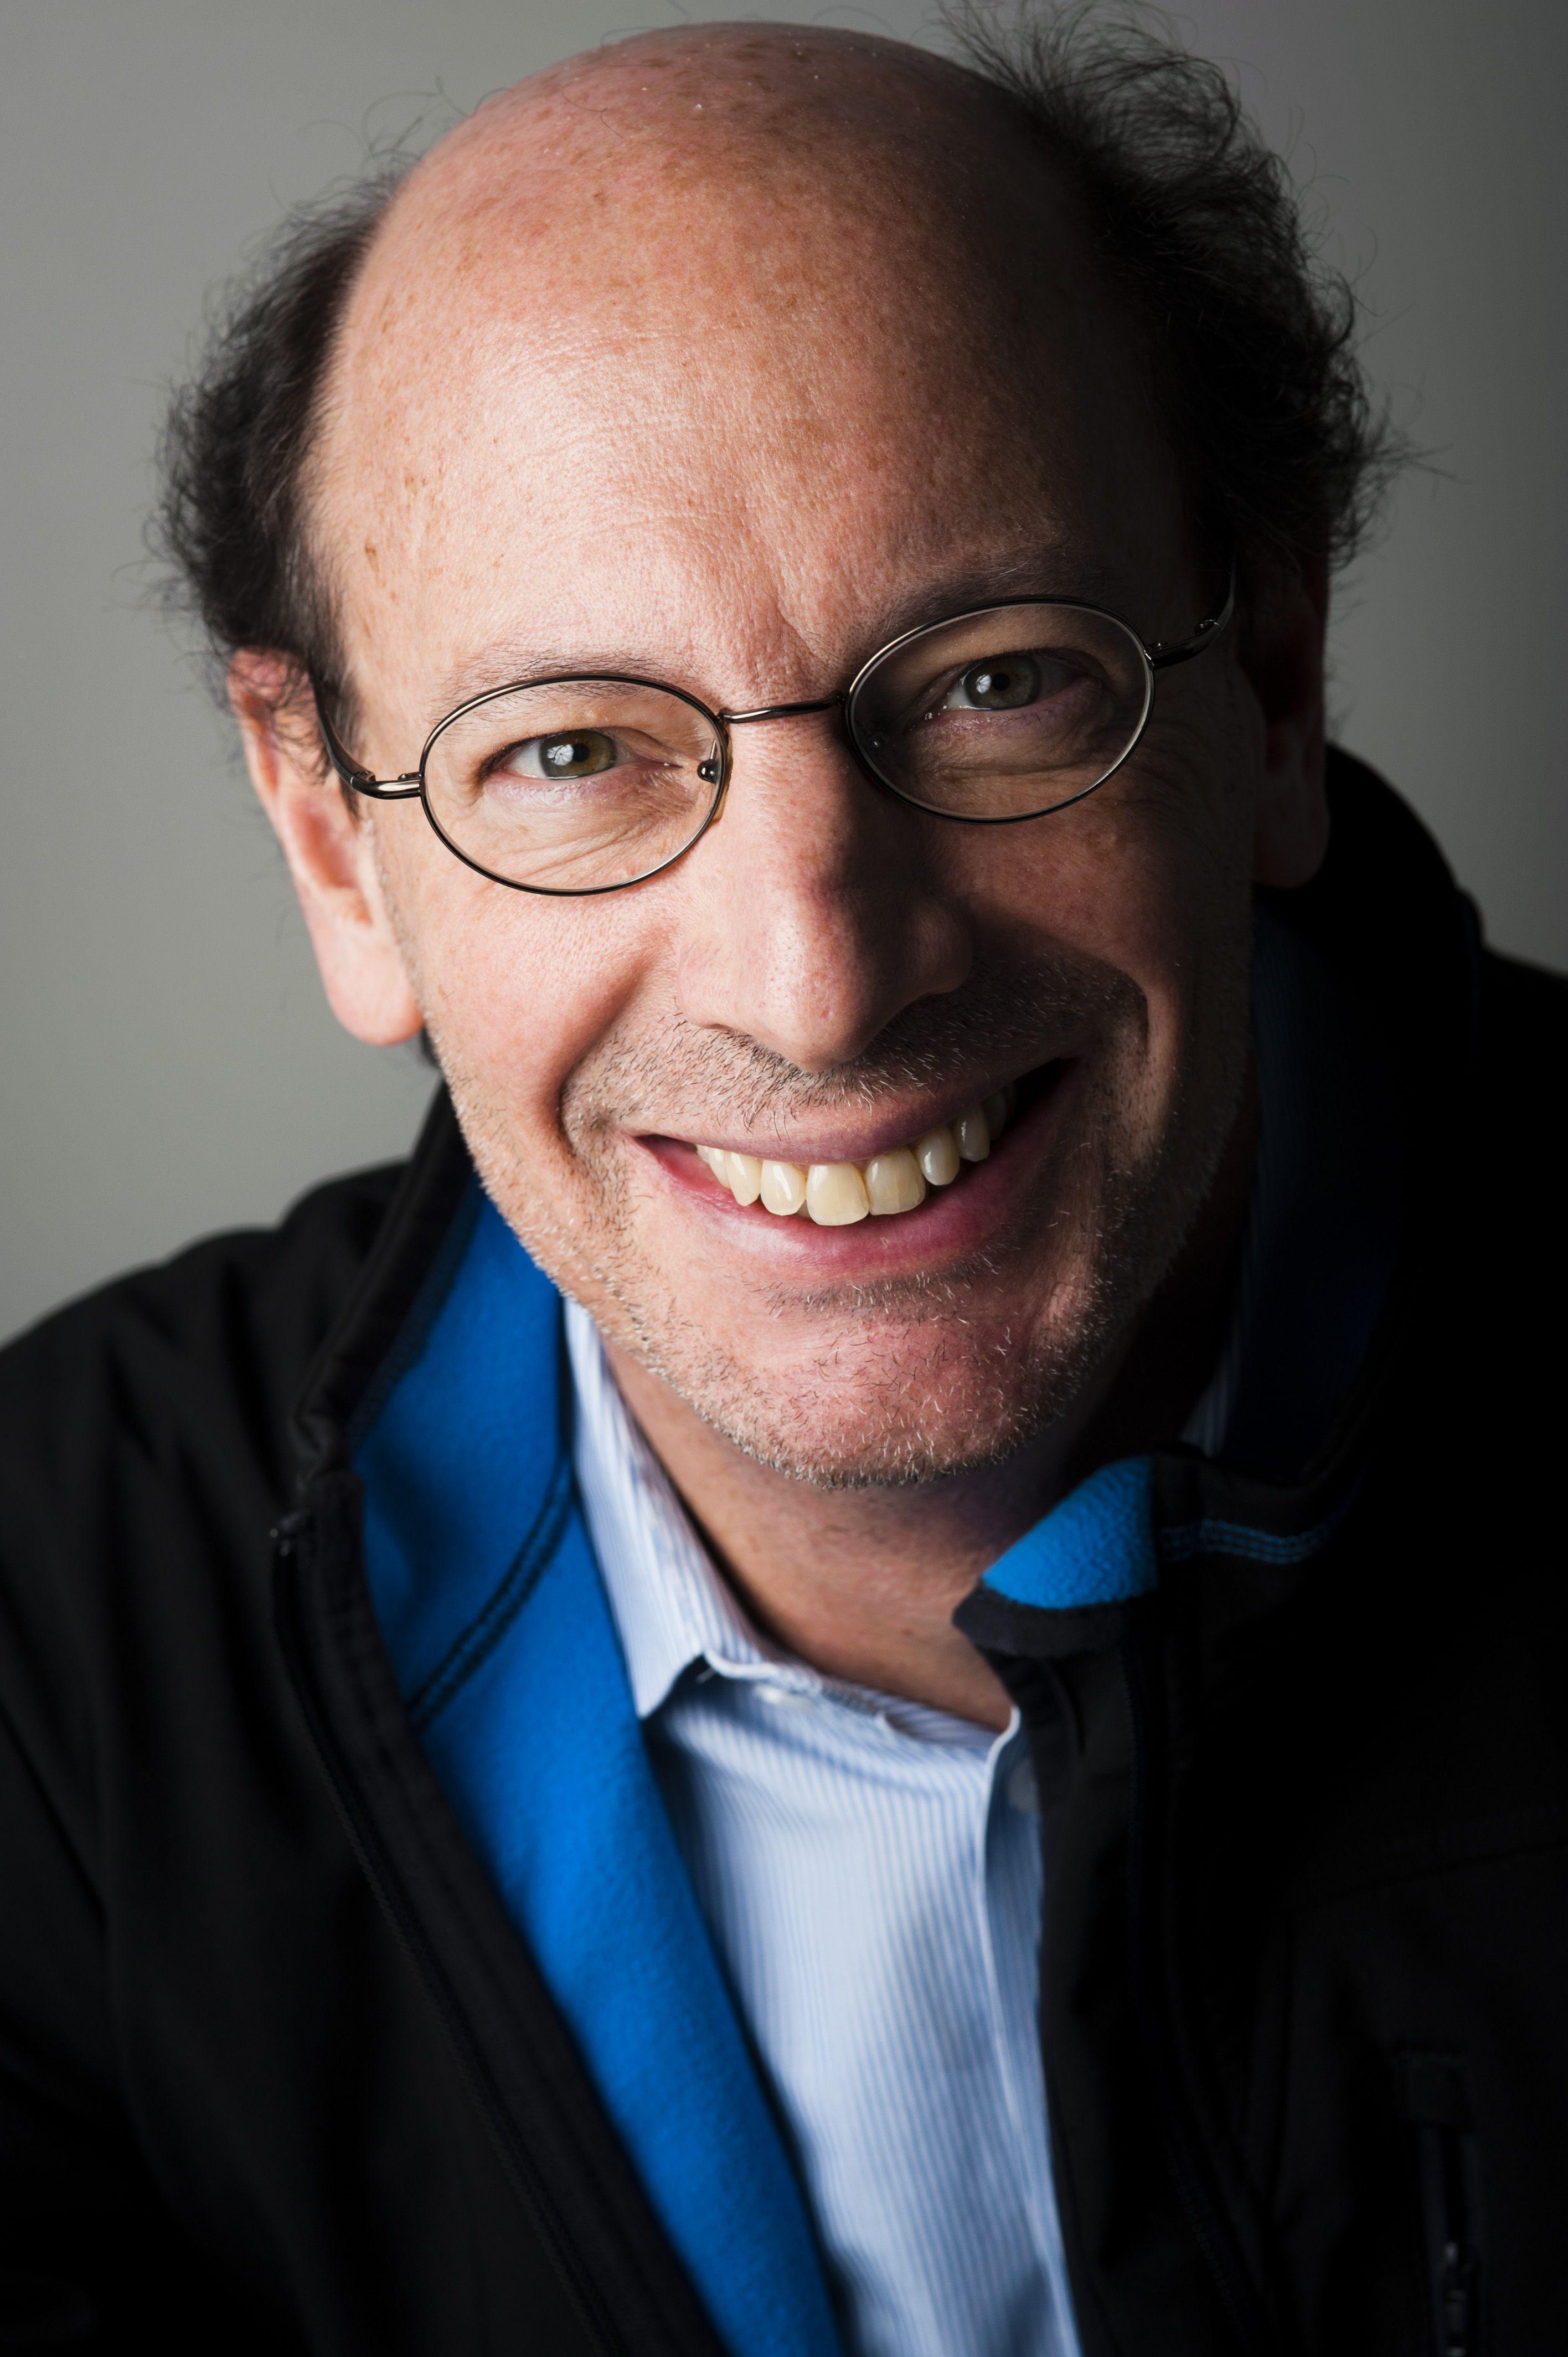 Alan Schulman